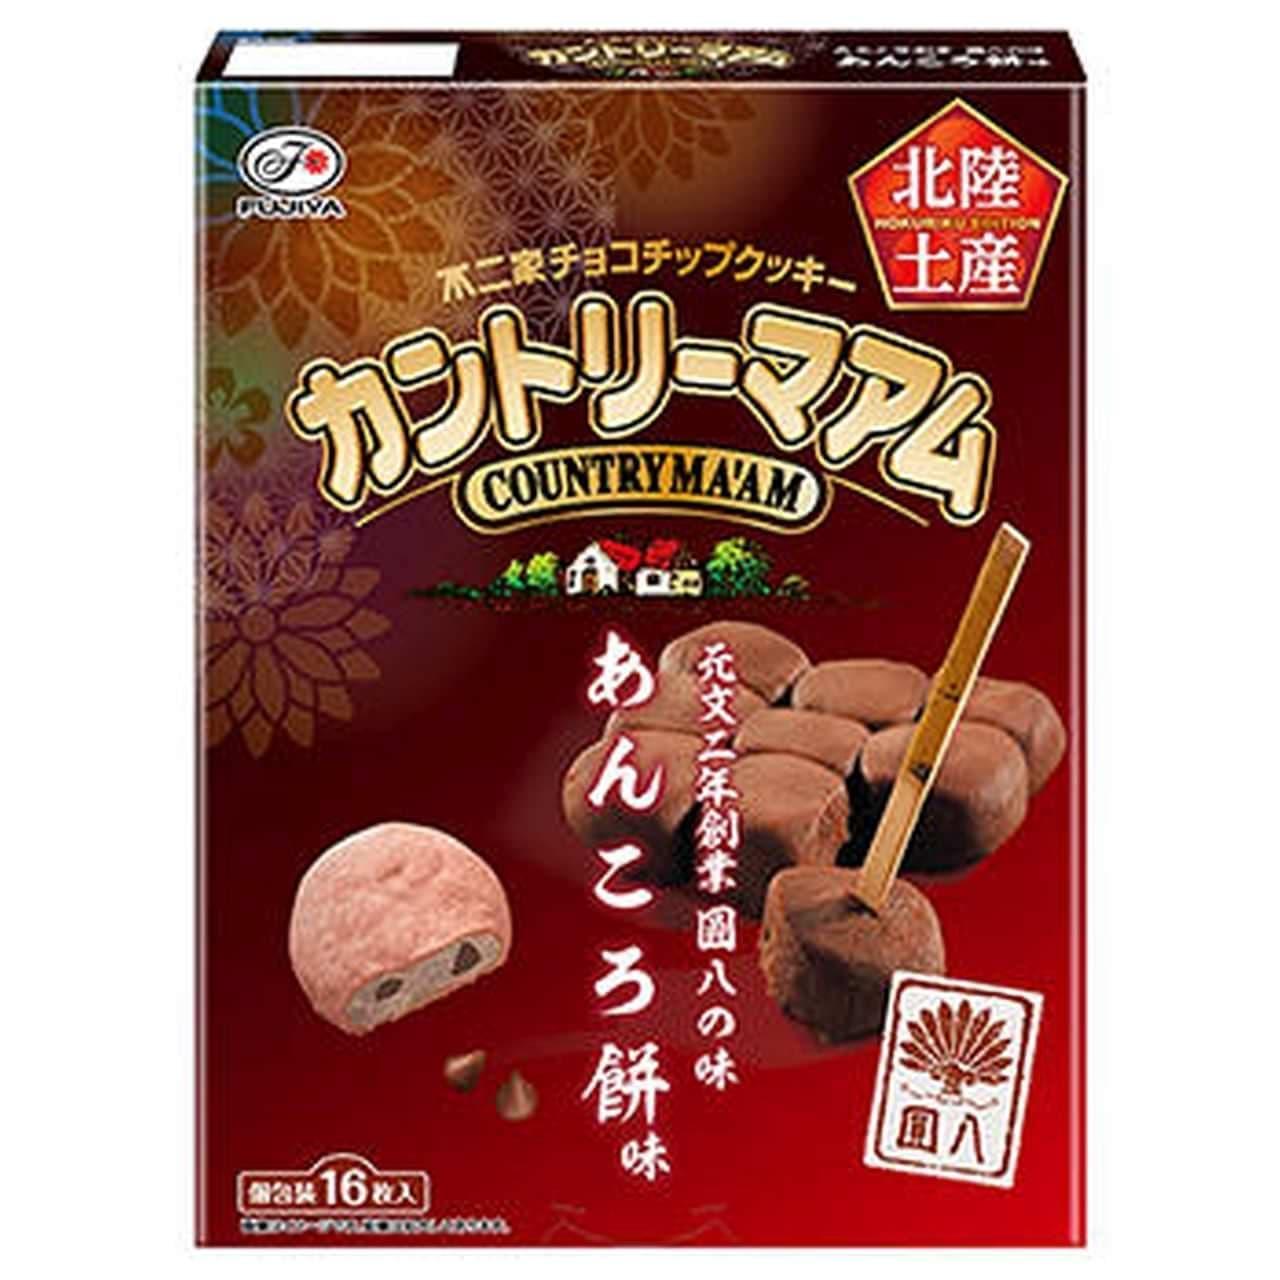 カントリーマアム「【北陸土産】16枚カントリーマアム(あんころ餅味)」